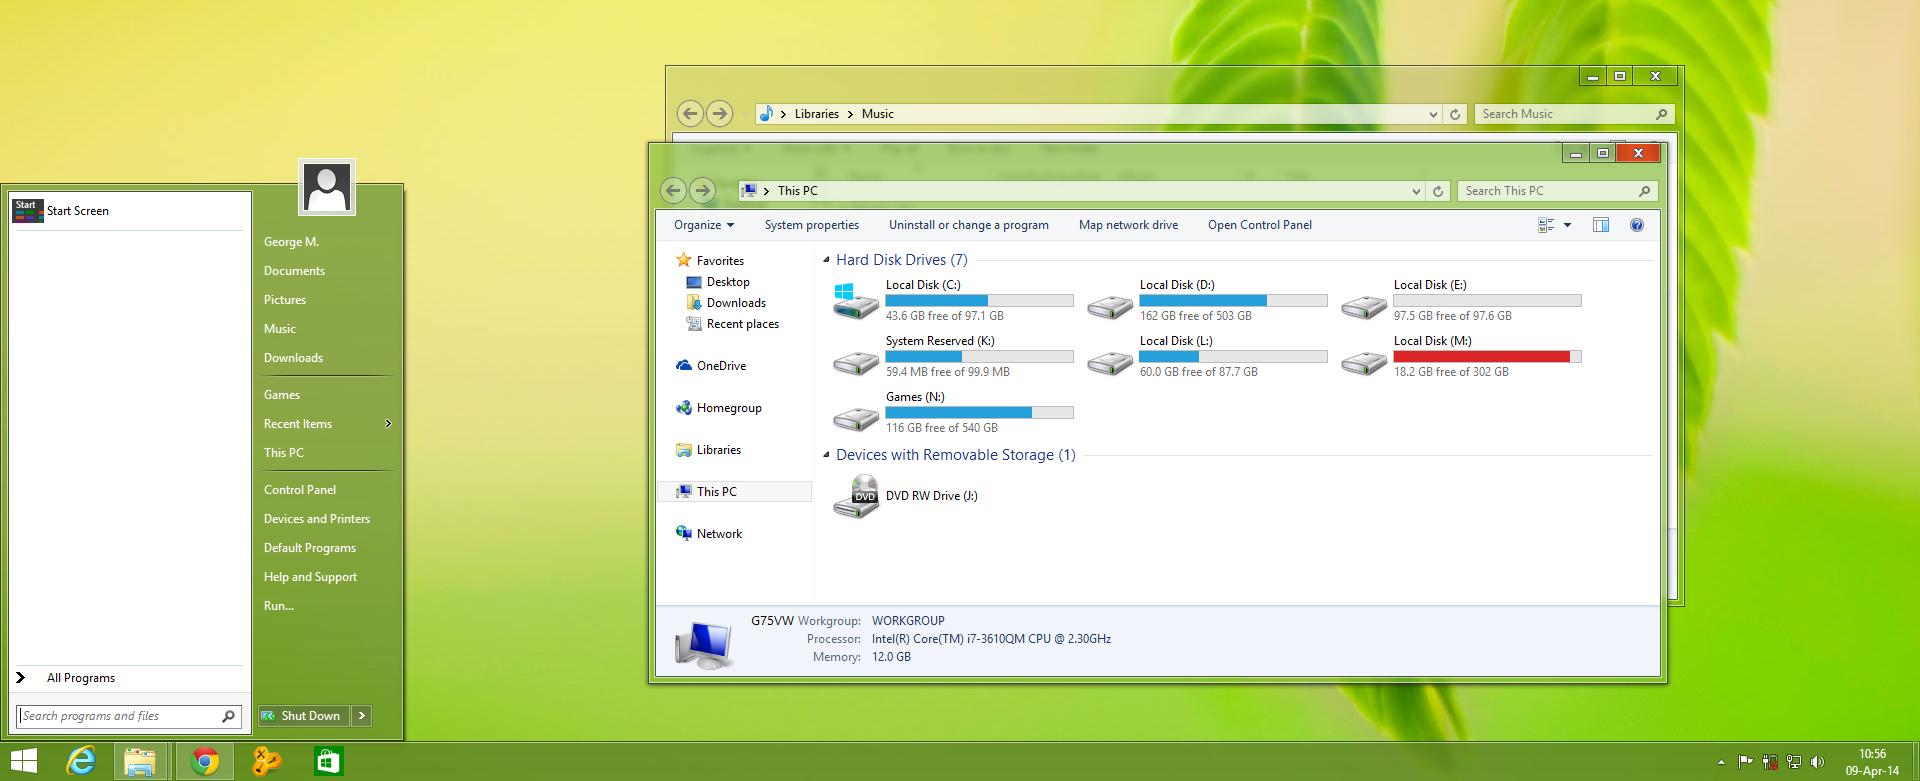 8 Plus for Windows 8.1